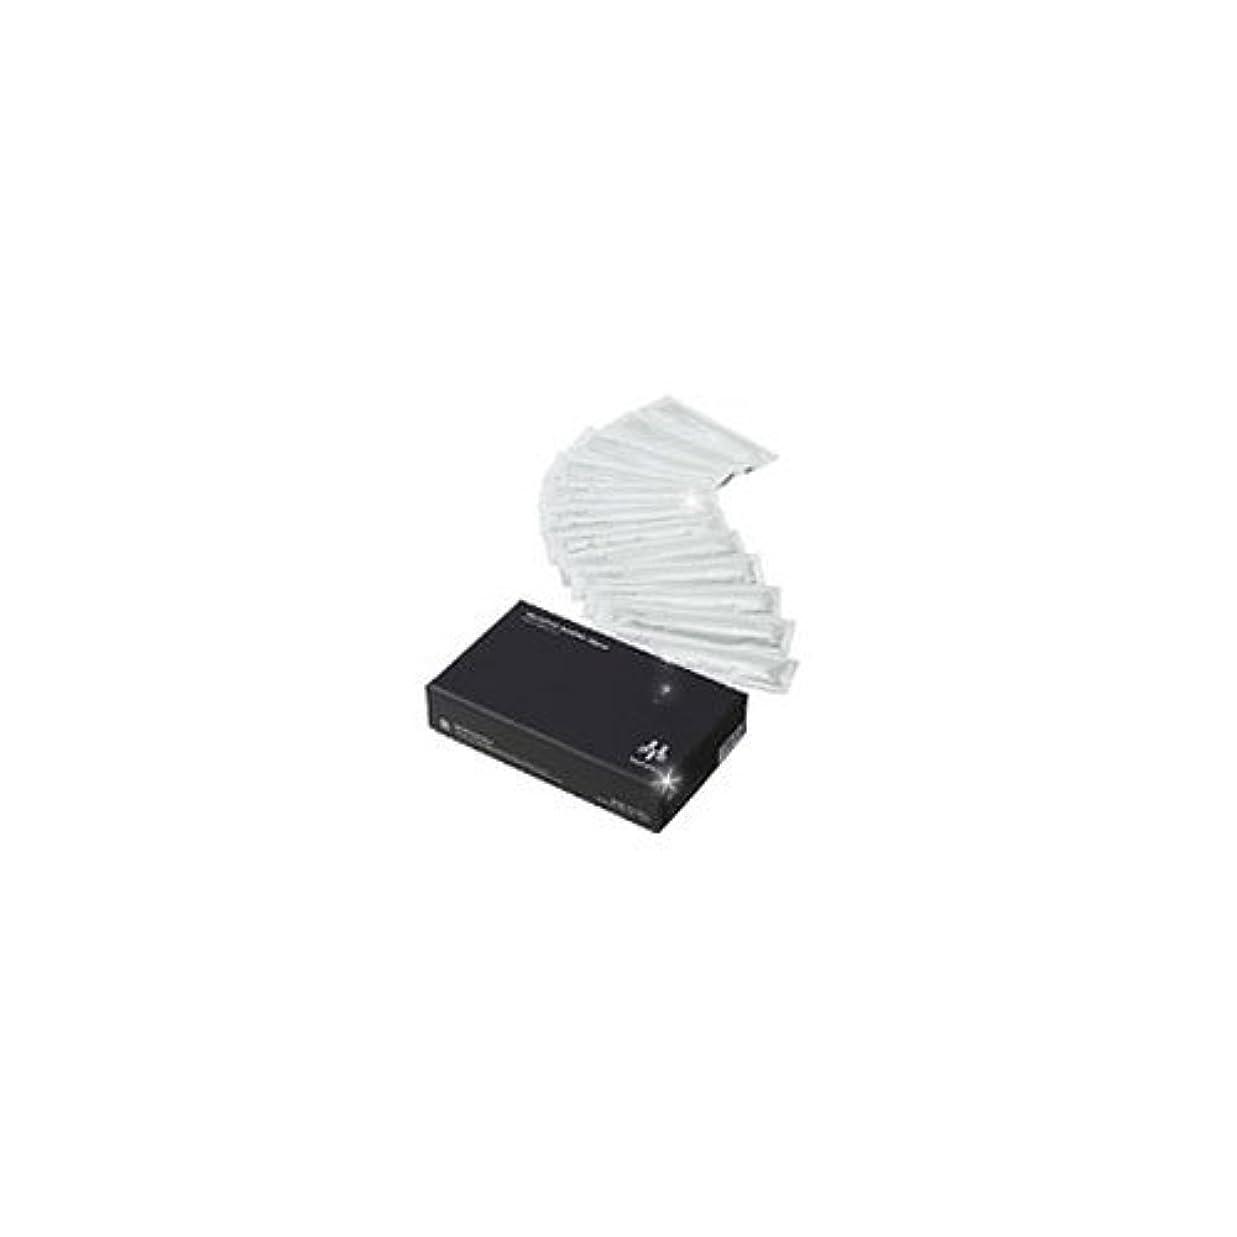 結婚滑るうがい薬ムコタ シェーナ デコール アデューラ アイレ08 (ヘアトリートメント) 10g×12包セット